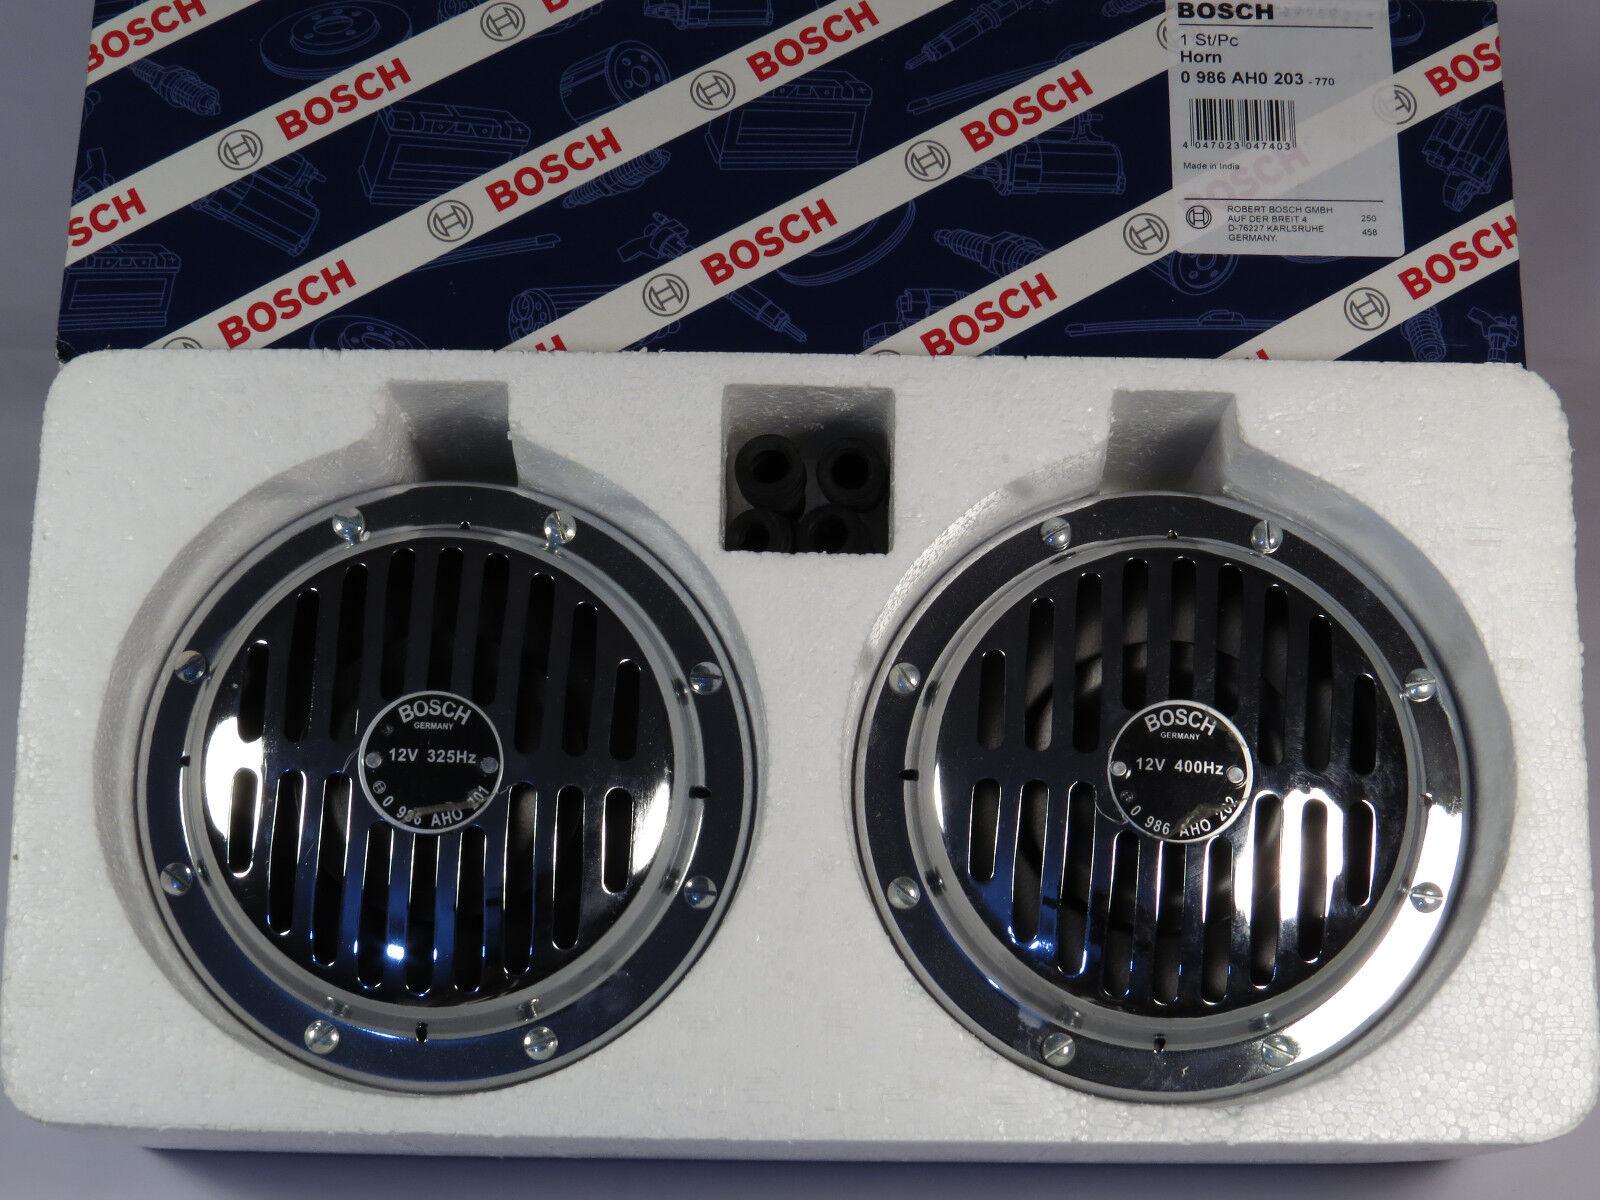 Bosch 0 986 AH0 203 Horn